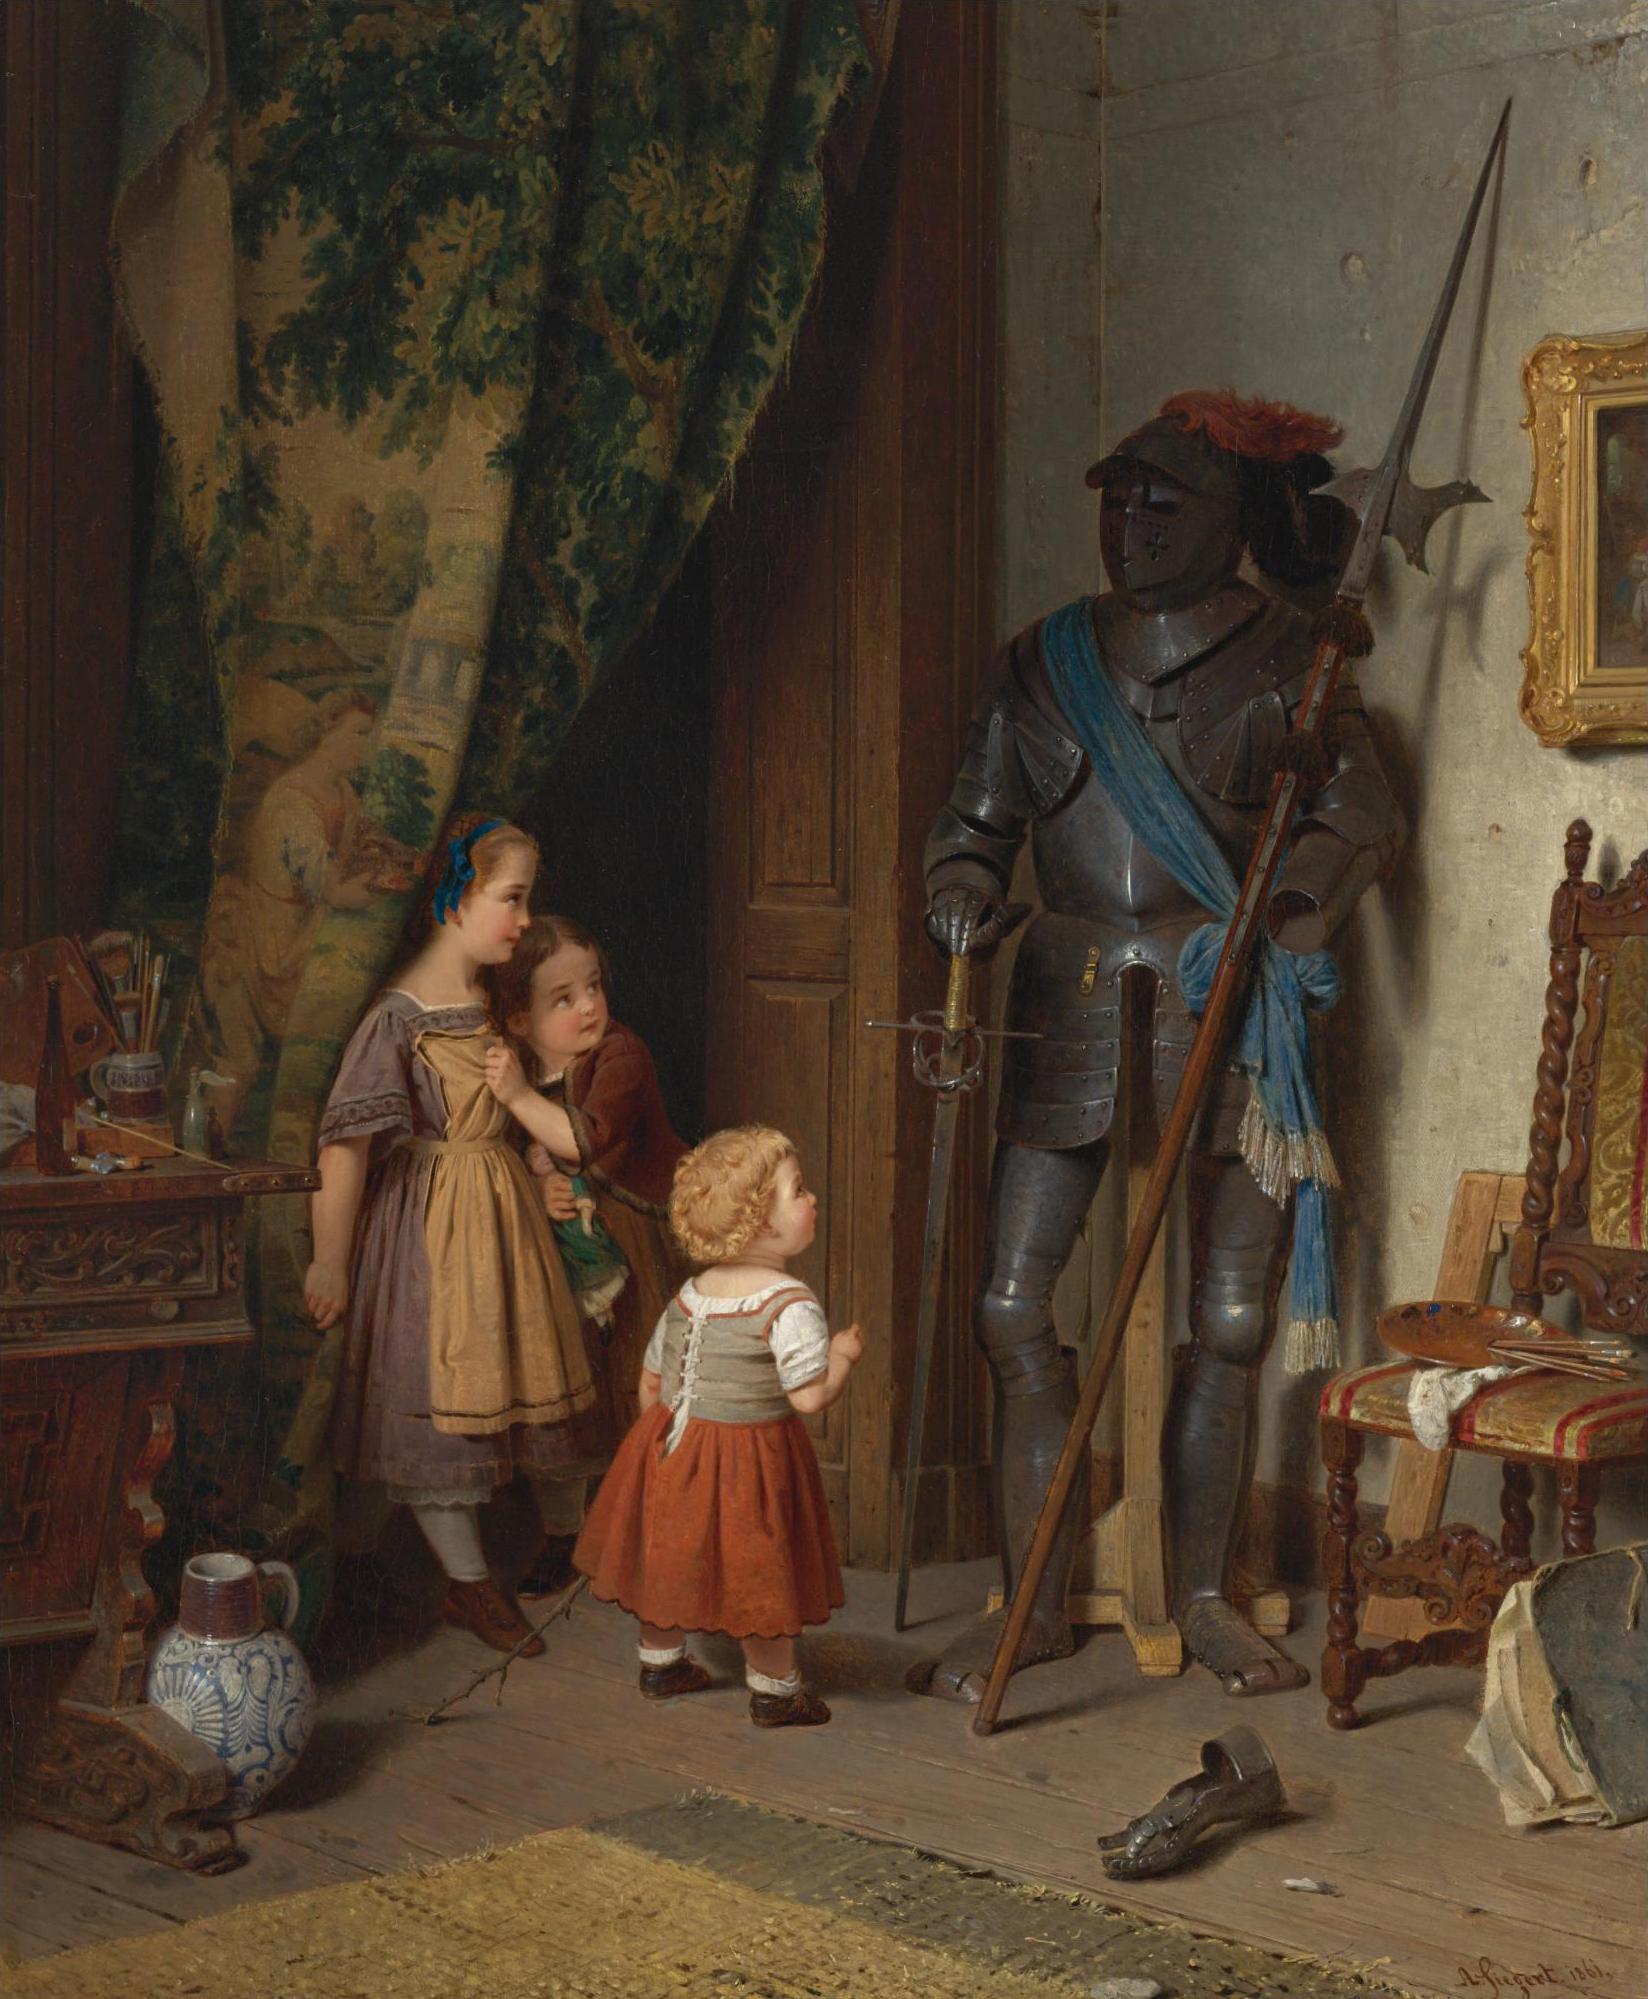 August_Friedrich_Siegert_-_Kinder_in_der_Künstlerwerkstatt.jpg